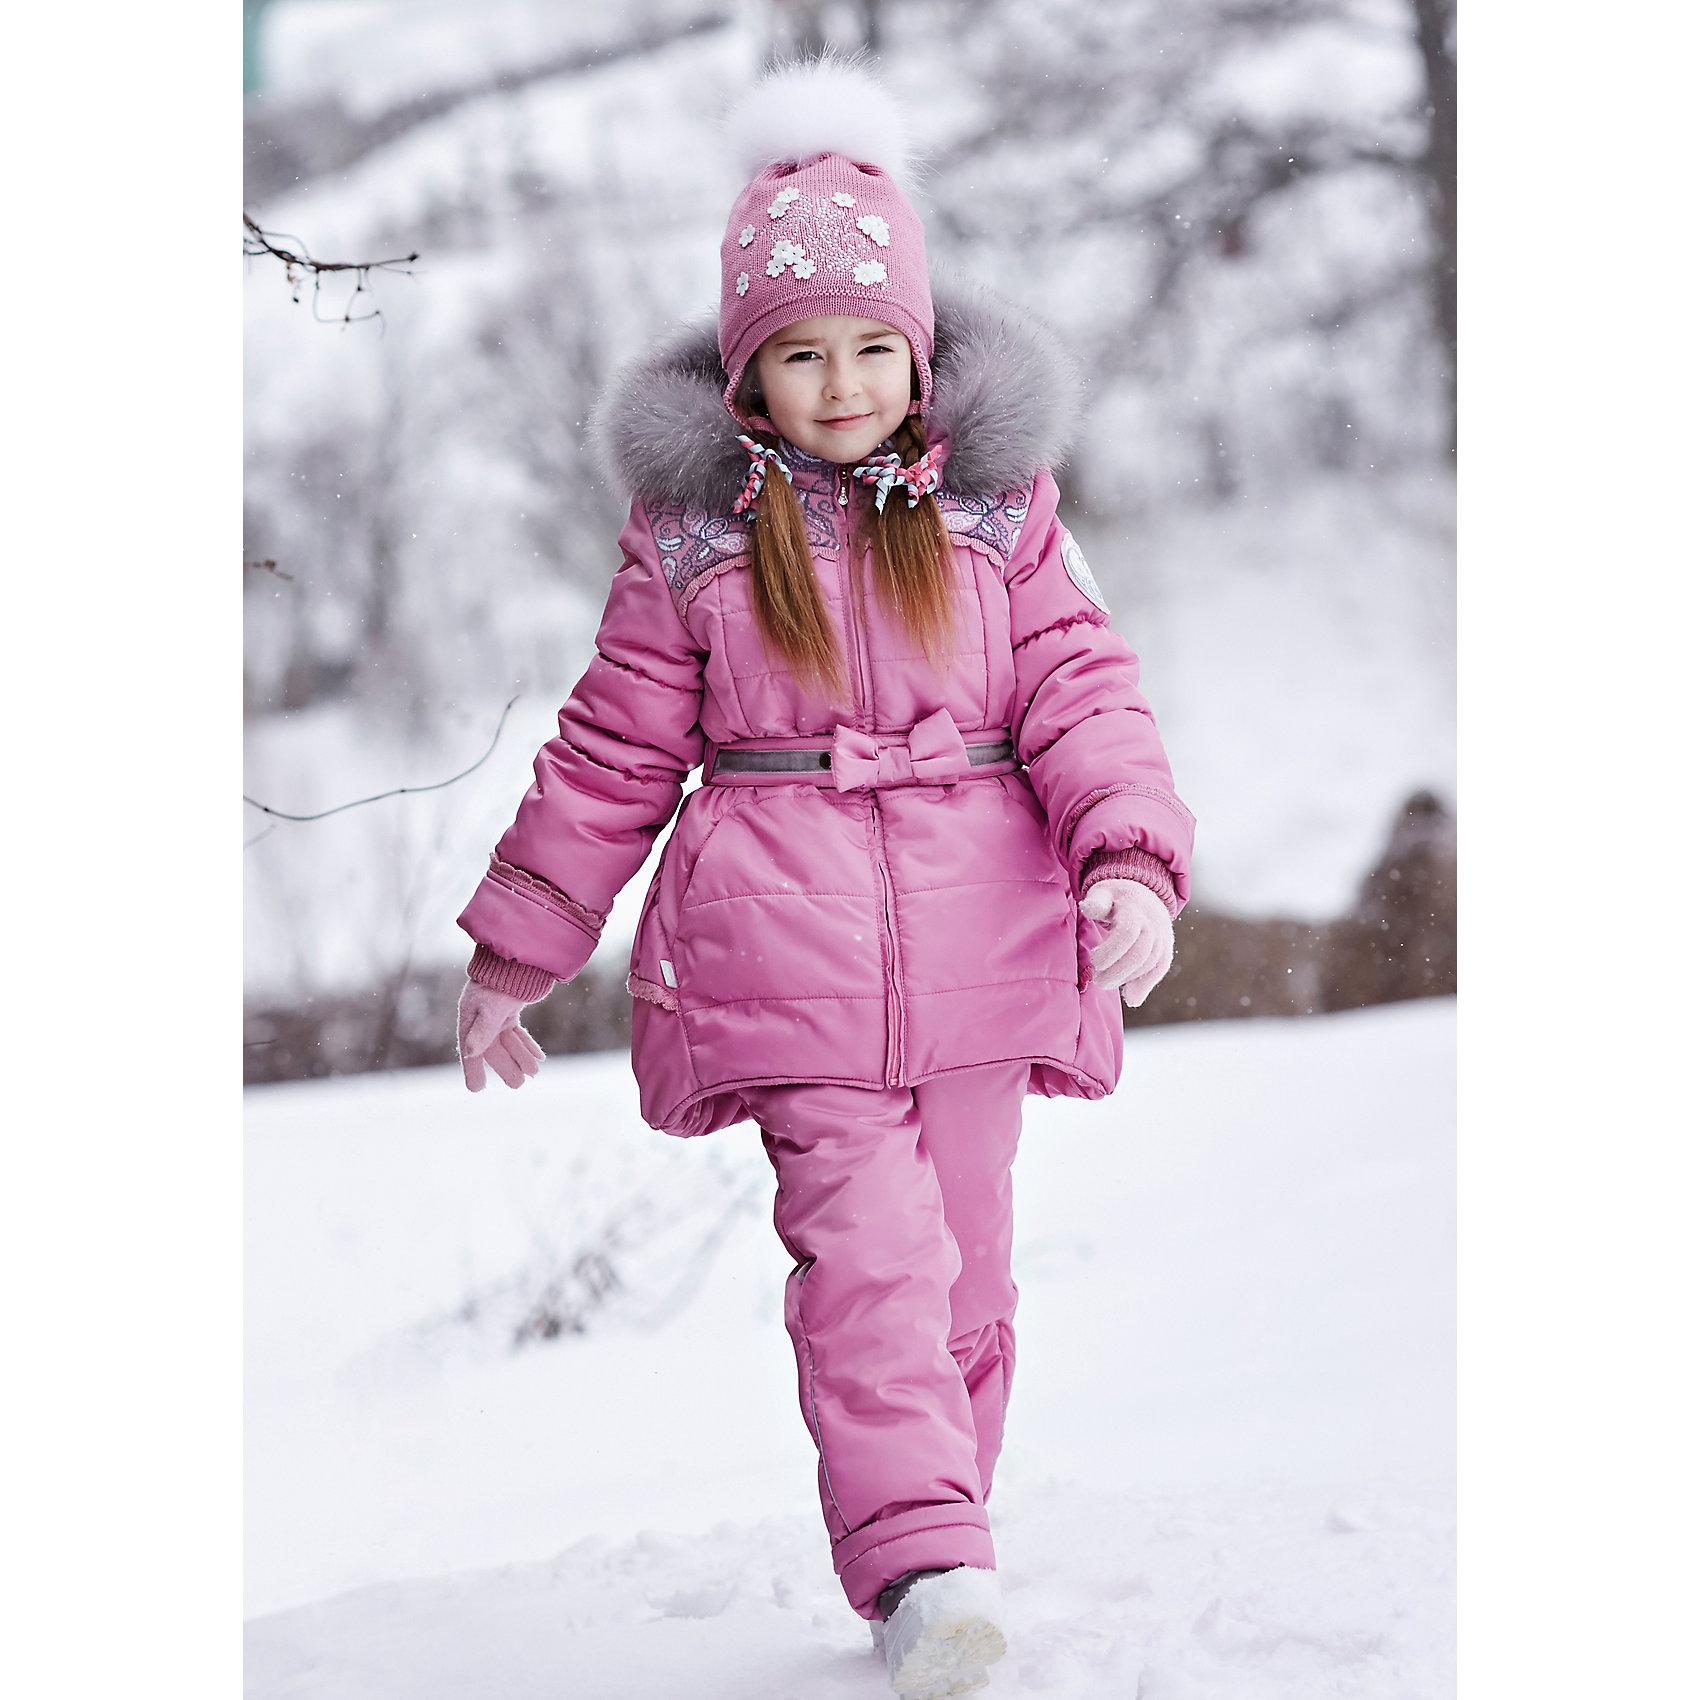 Полукомбинезон АртельПолукомбинезон от известного бренда Артель<br>У полукомбинезона регулируется длина бретелек и отворачивается низ штанишек, что позволит индивидуально для каждого ребенка скорректировать посадку изделия. По низу штанины имеется дополнительная защита от снега.<br>Состав:<br>Верх: FITSYSTEM 16132<br>Подкладка: интерлок<br>Утеплитель: термофайбер 200гр<br>Подстежка: овчина<br>Полукомбинезон:<br>Верх: FITSYSTEM 16132<br>Подкладка: тиси<br>Утеплитель: термофайбер 200гр<br><br>Ширина мм: 215<br>Глубина мм: 88<br>Высота мм: 191<br>Вес г: 336<br>Цвет: розовый<br>Возраст от месяцев: 36<br>Возраст до месяцев: 48<br>Пол: Женский<br>Возраст: Детский<br>Размер: 104,128,122,116,110<br>SKU: 4963752